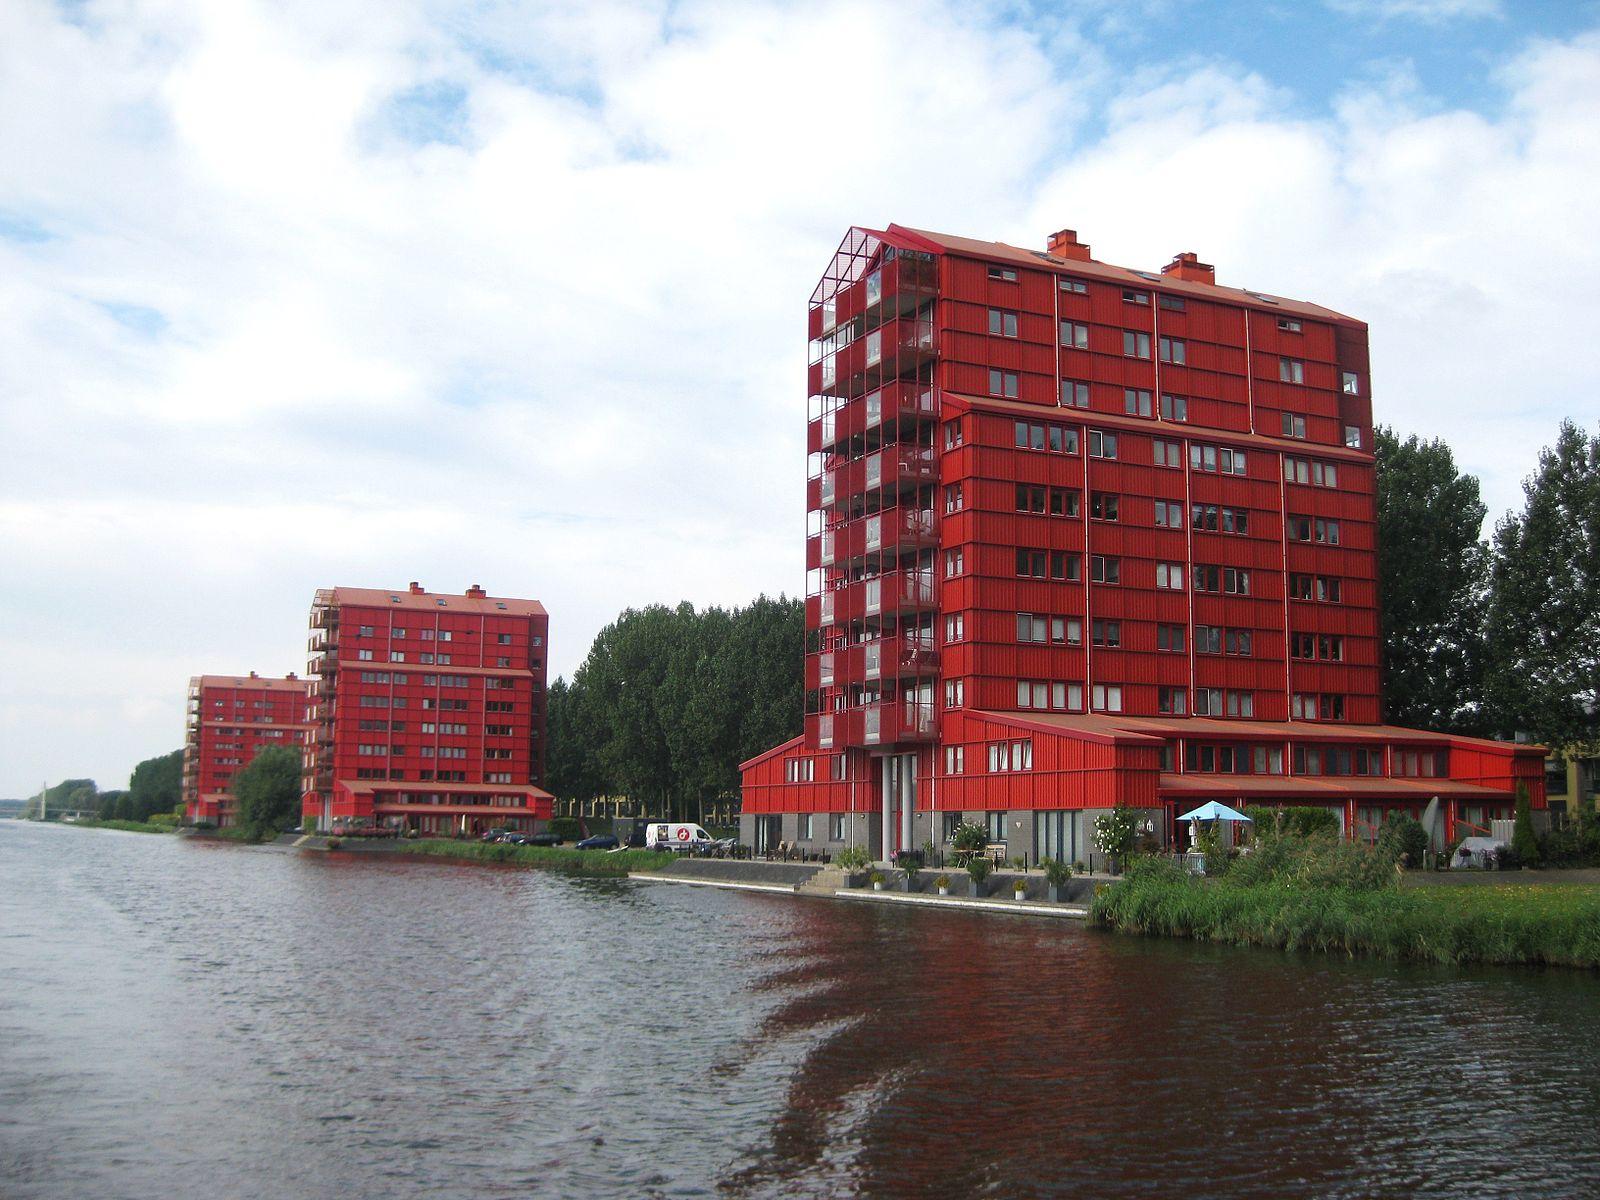 Heemschut Flevoland  Behoud Regenboogbuurt Almere als cultureel erfgoed   De Erfgoedstem